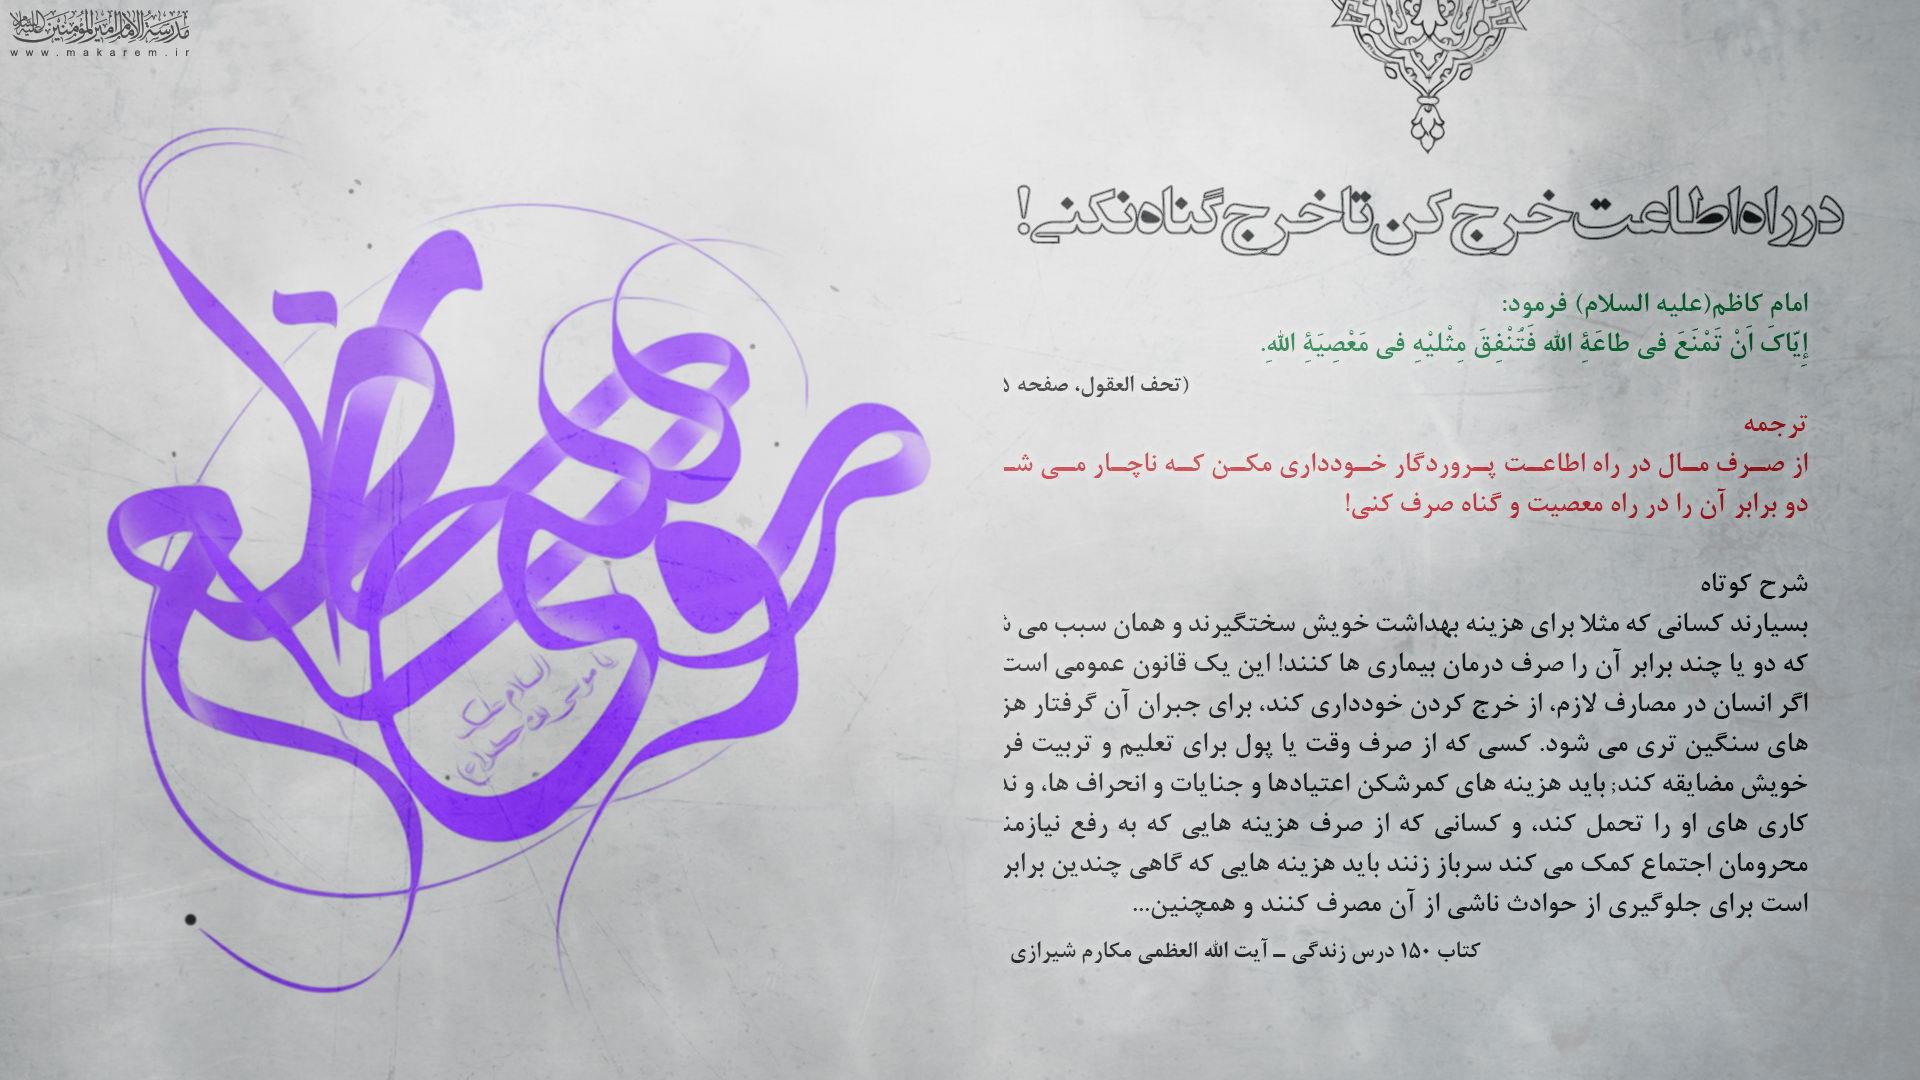 در راه اطاعت خرج کن تا خرج گناه نکنی!-مدرسه الامام امیر المومنین (ع)